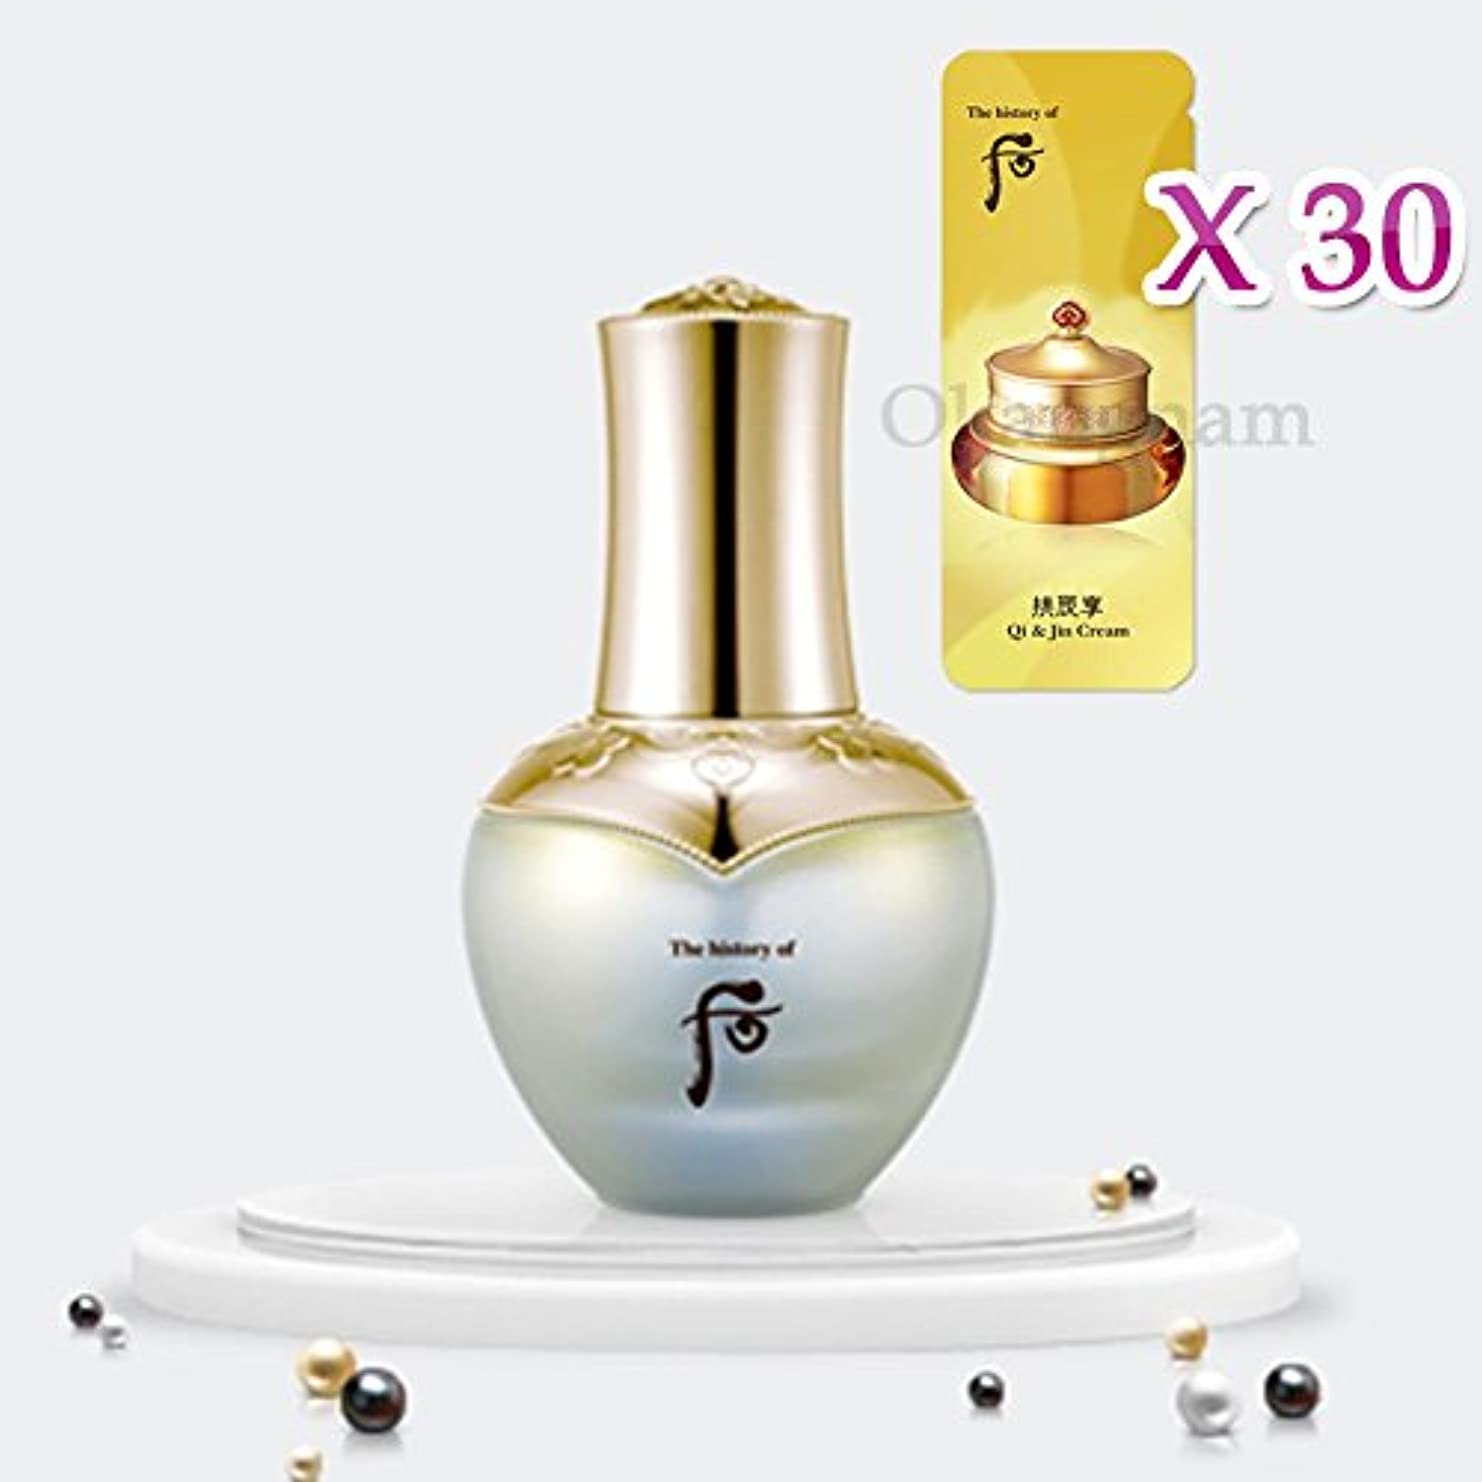 漁師役職治療【フー/The history of whoo] Whoo 后 CK07 Hwahyun Gold Ampoule/后(フー) 天氣丹 花炫 ゴールドアンプル 40ml + [Sample Gift](海外直送品)